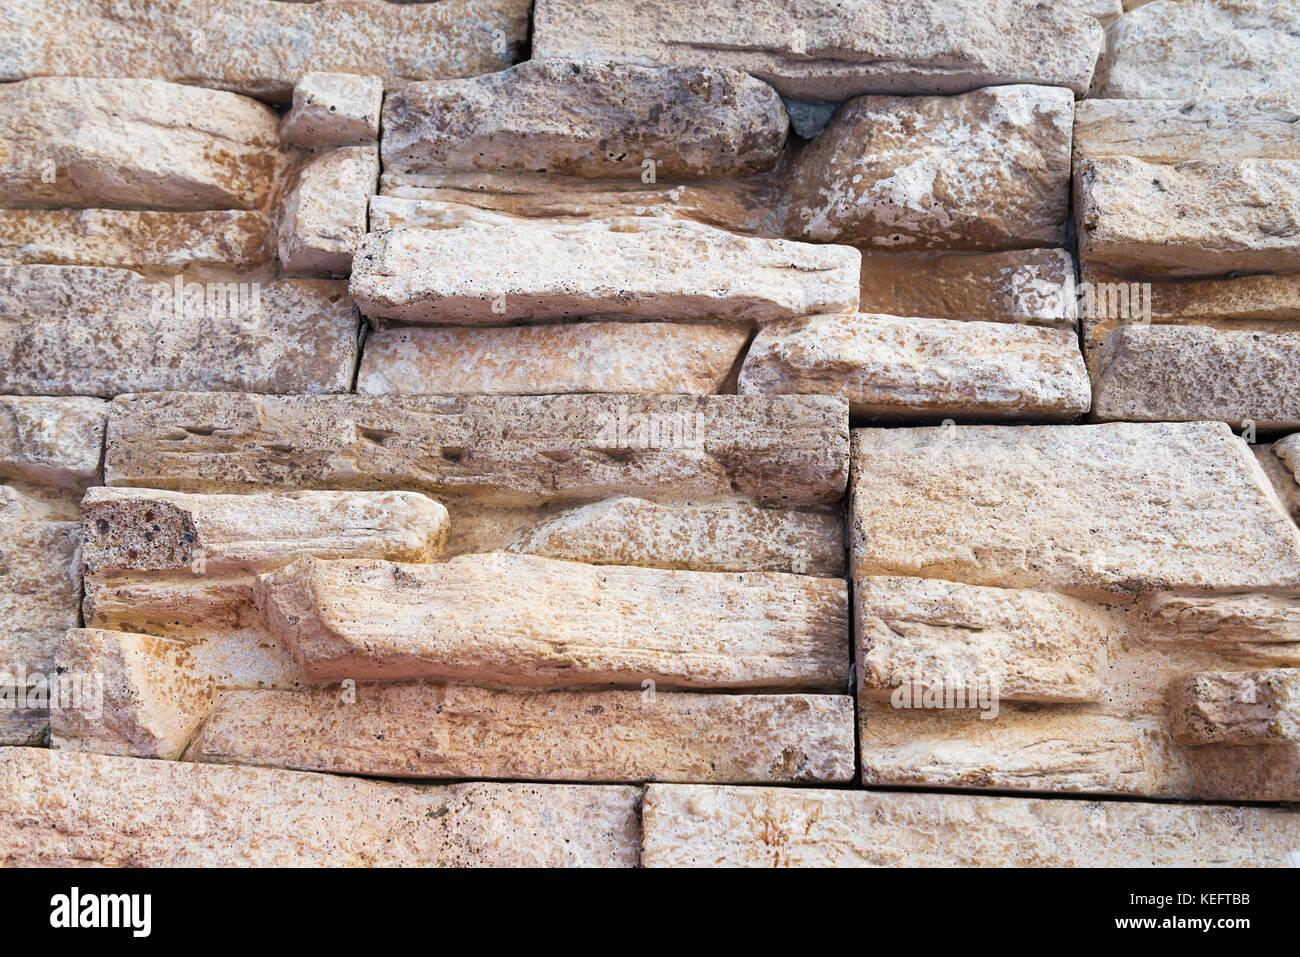 Texture pietra beige piastrelle a muro foto & immagine stock